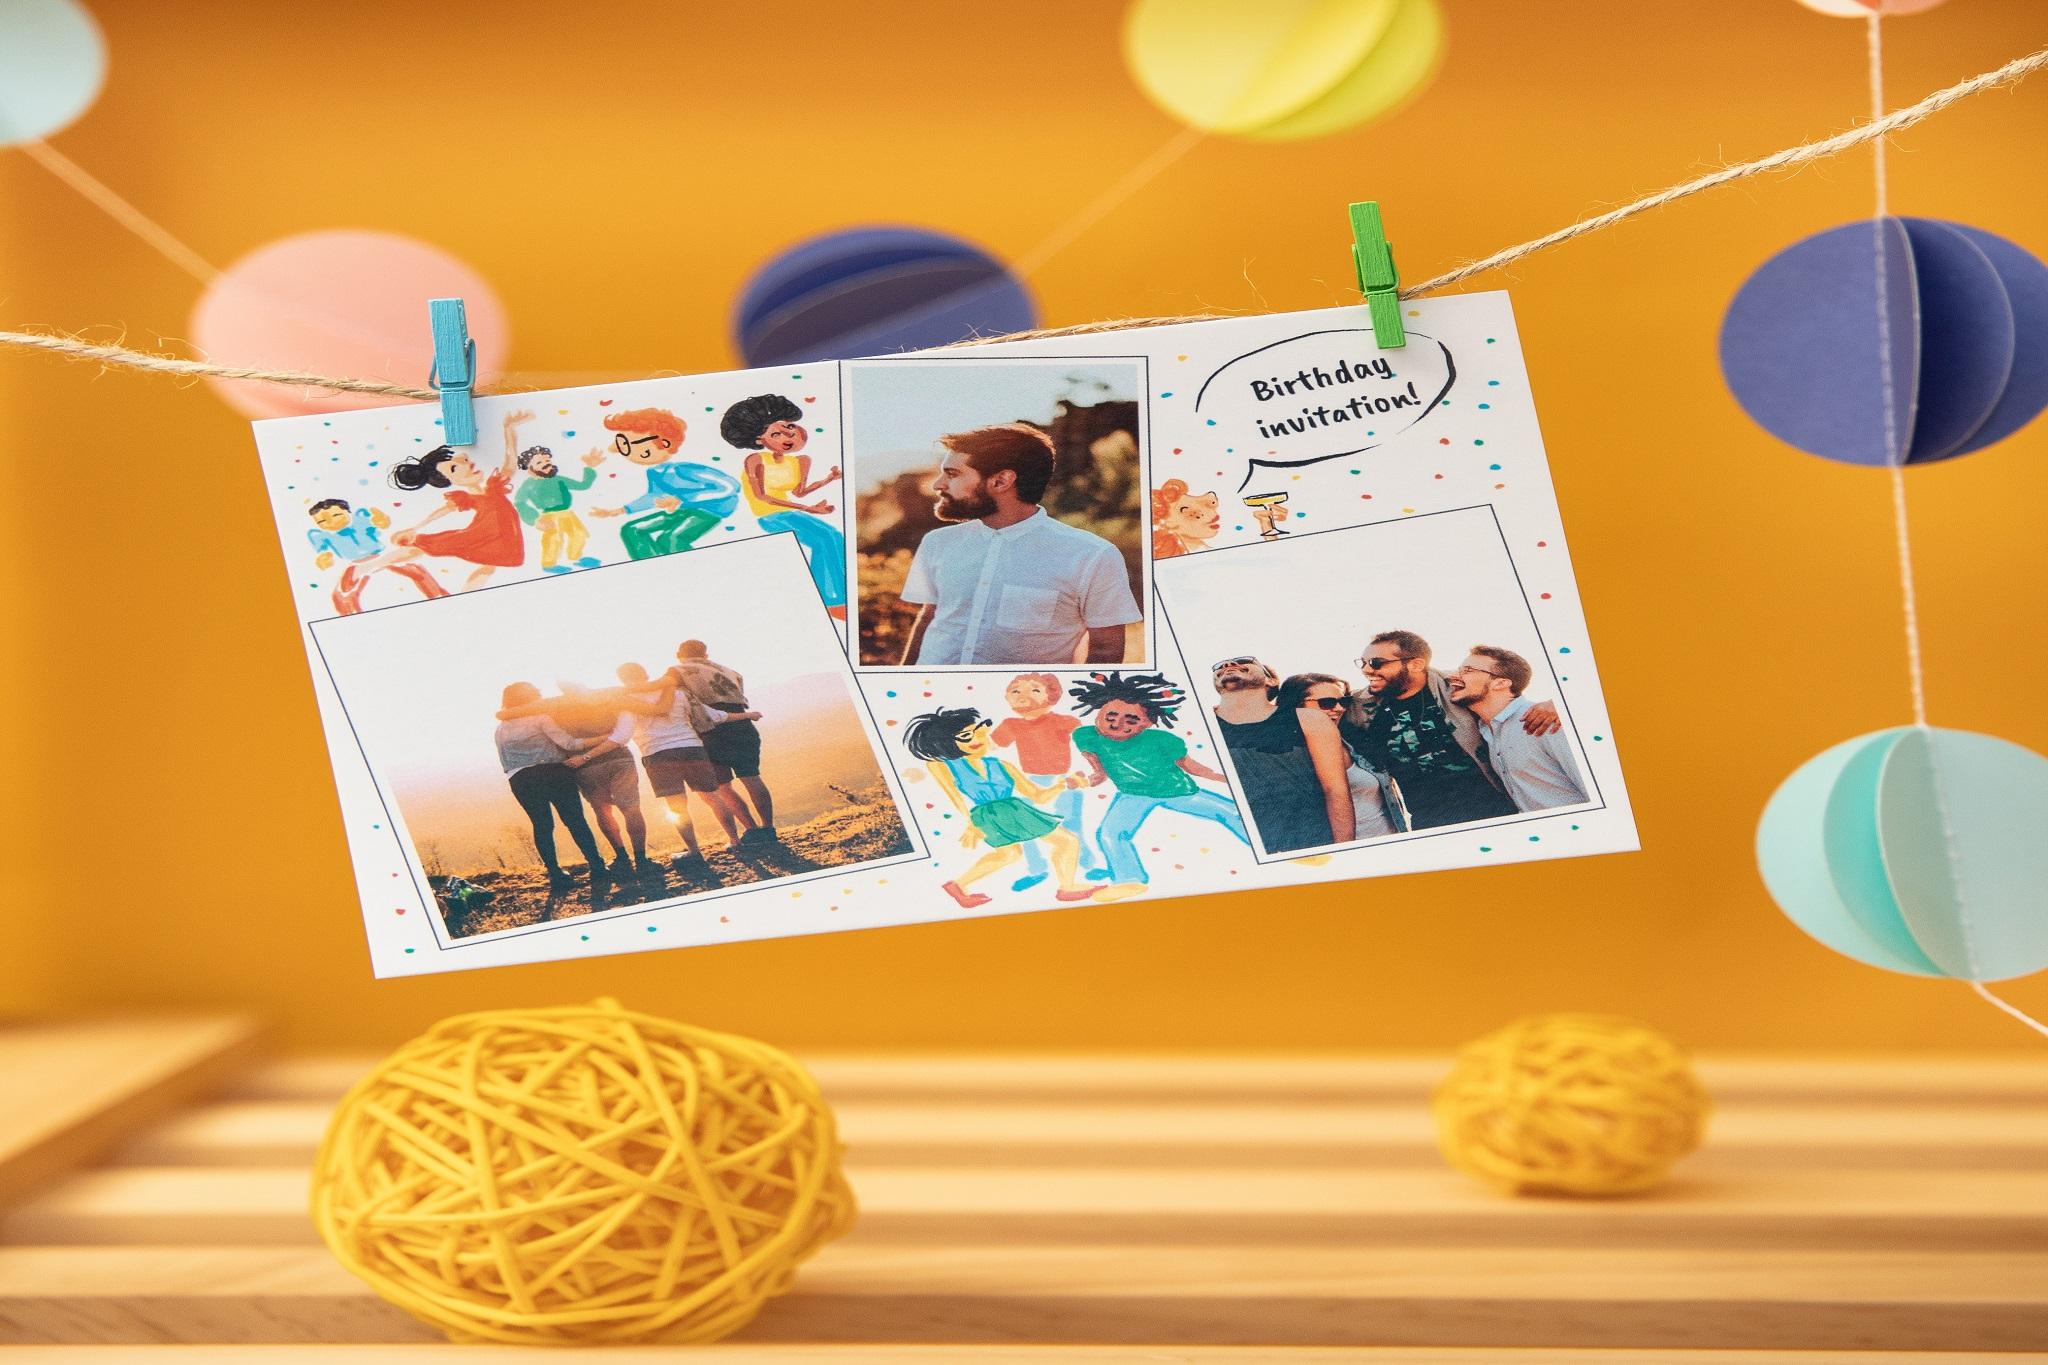 carte postale sur guirlande avec photos amis